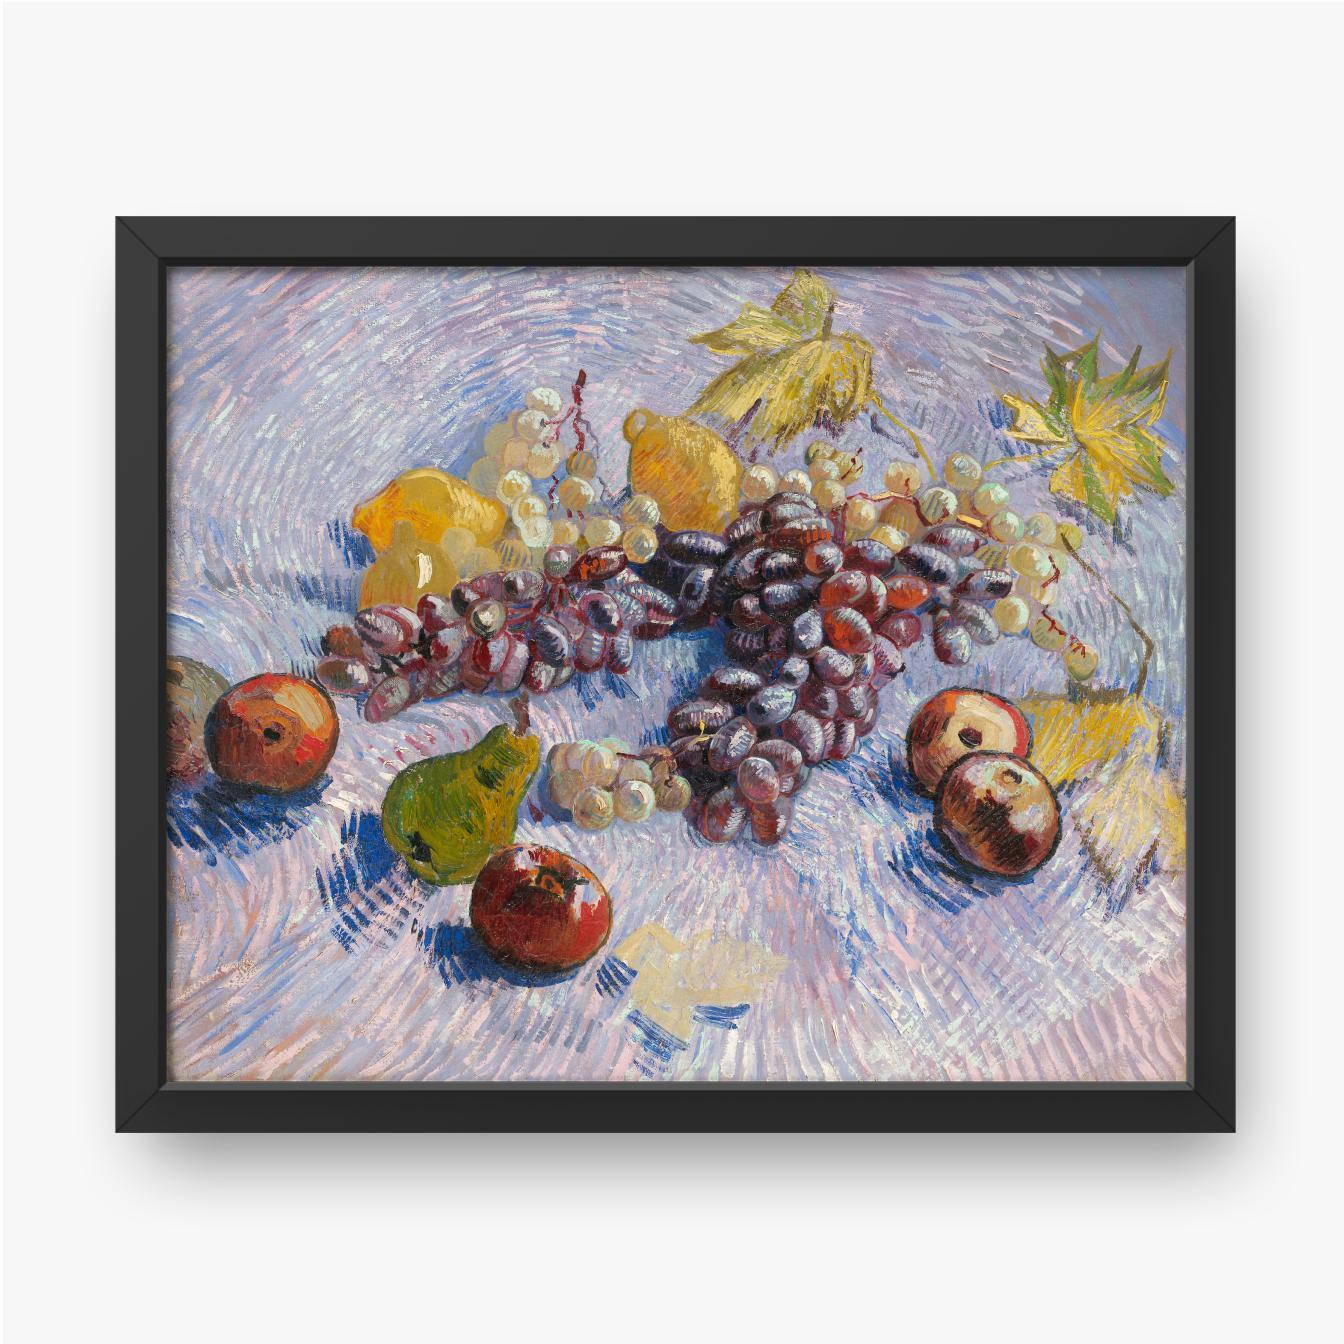 Vincent van Gogh, Winogrona, cytryny, gruszki i jabłka, 1887